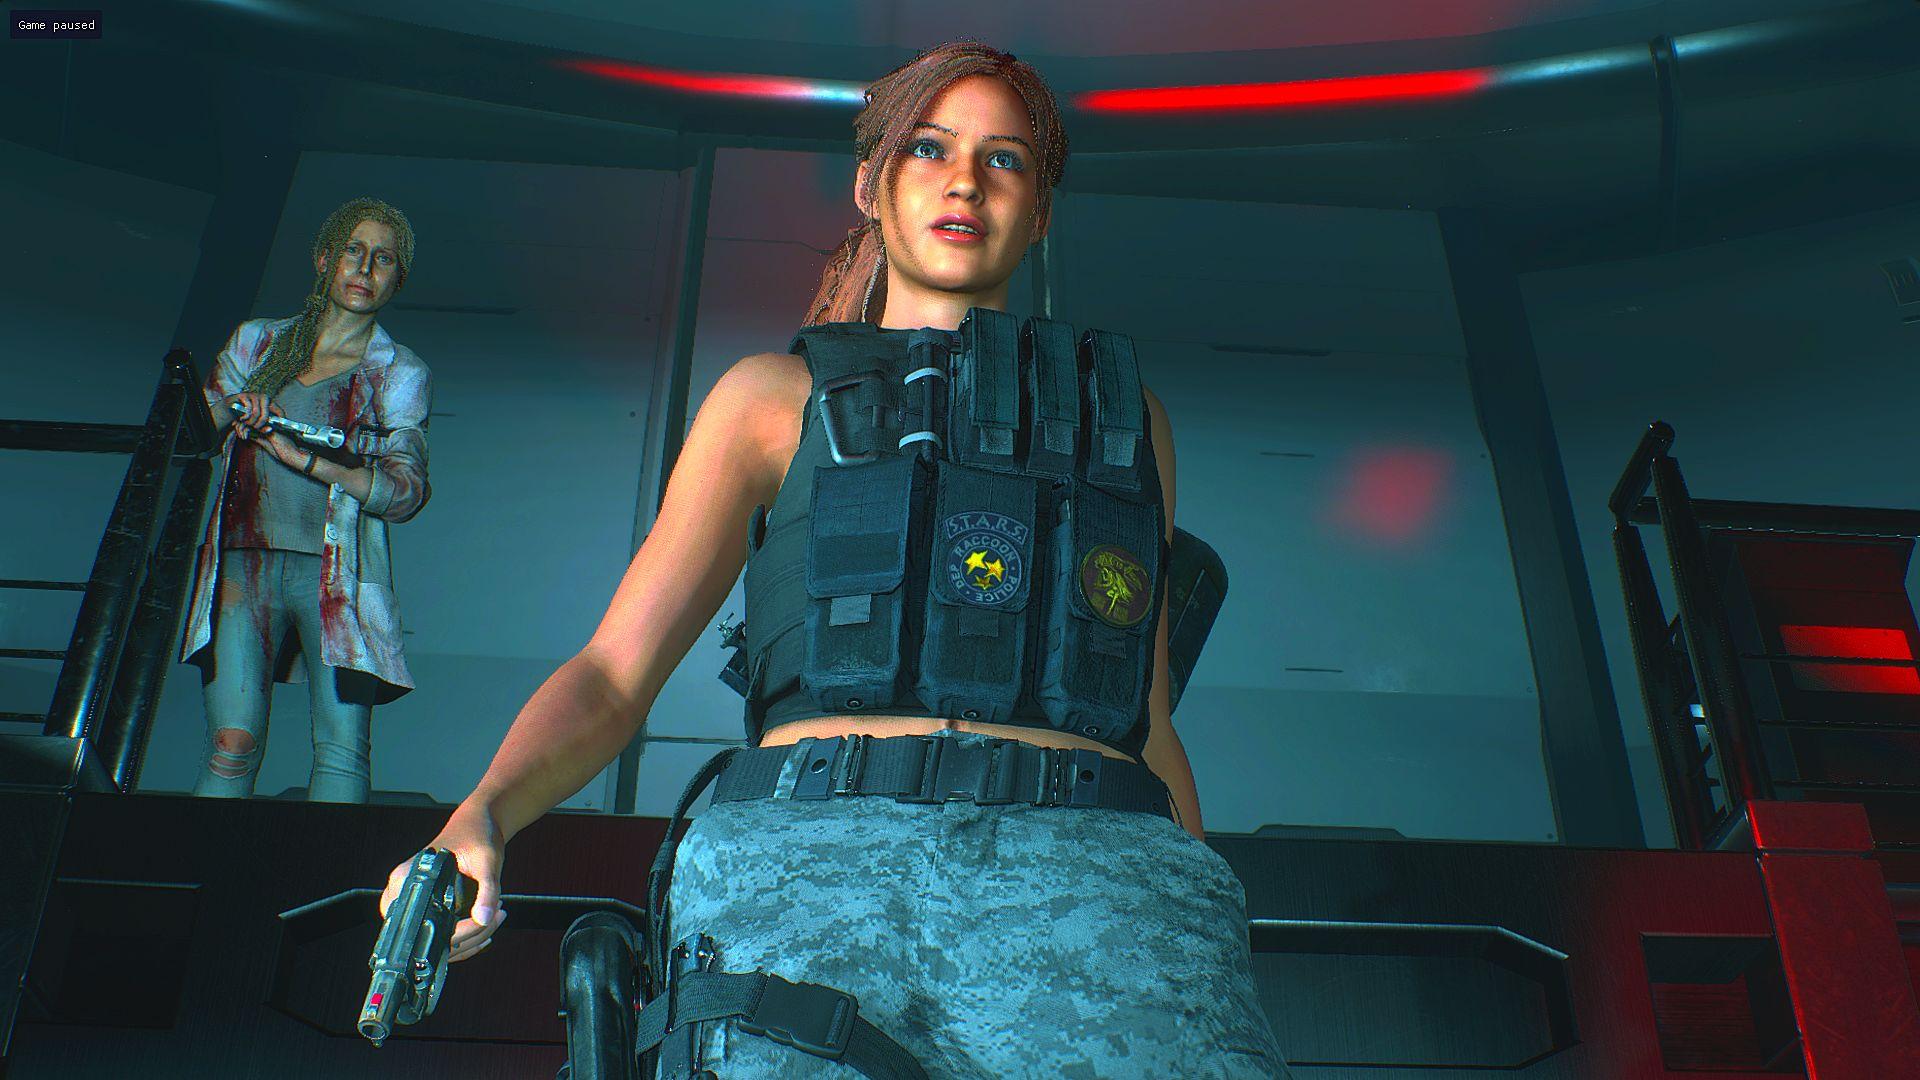 000207.Jpg - Resident Evil 2